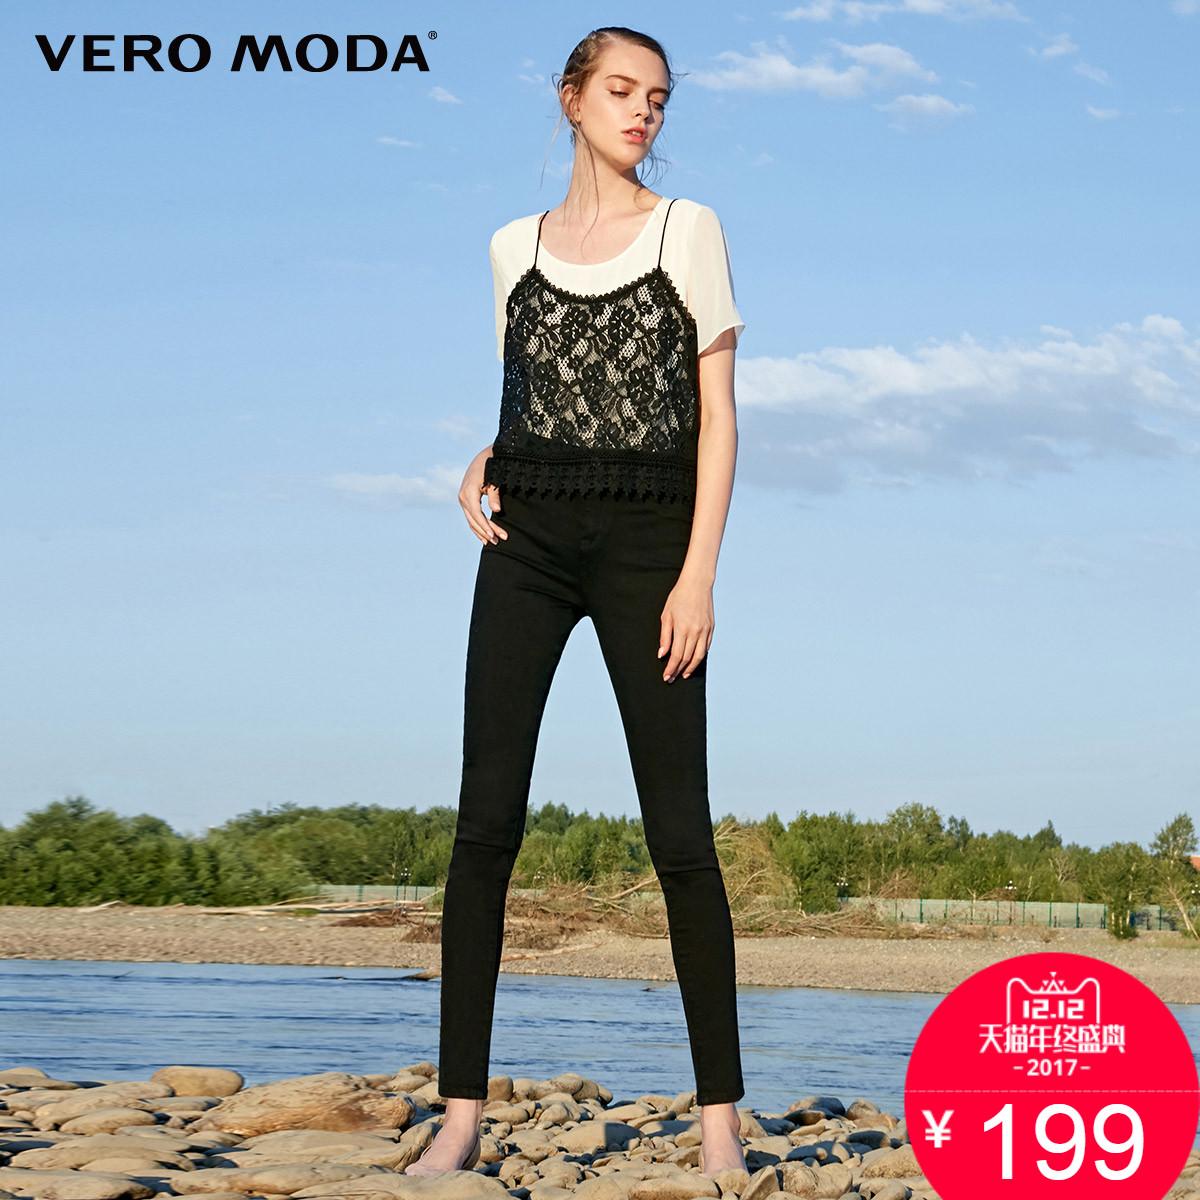 预售12.18日发货Vero Moda高含棉弹力修身牛仔裤 317332536